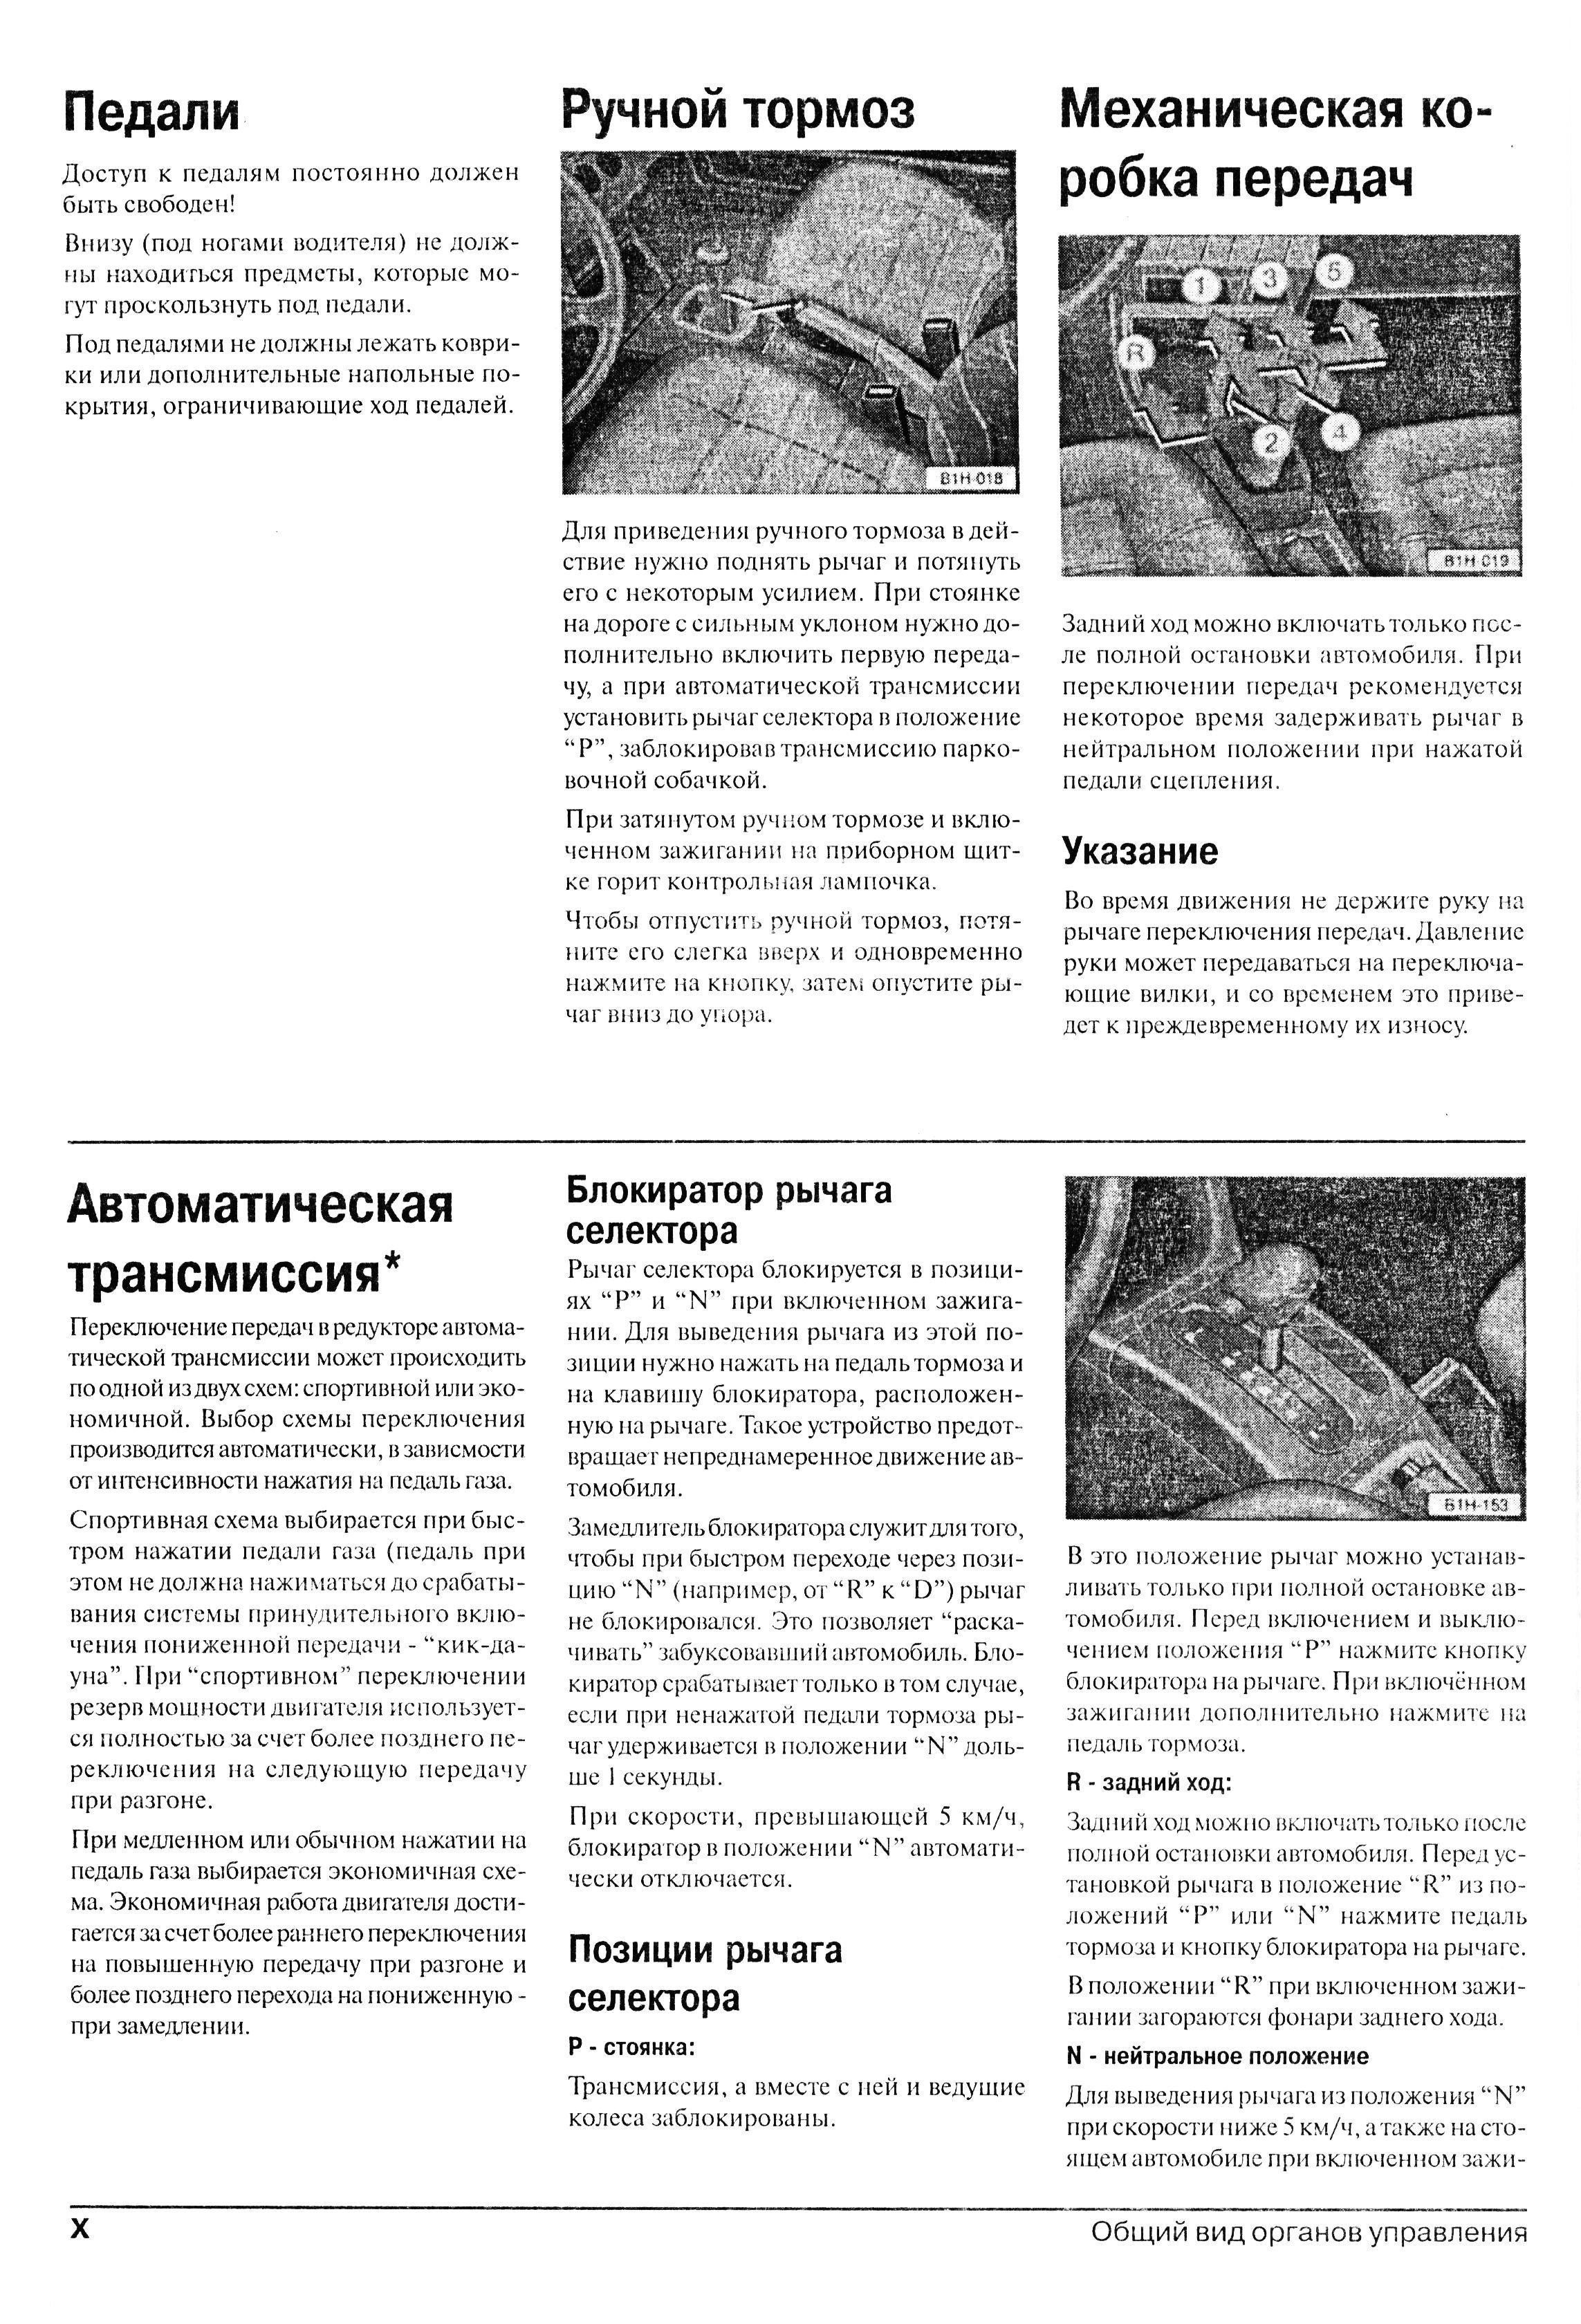 руководство по ремонту лада приора 2013